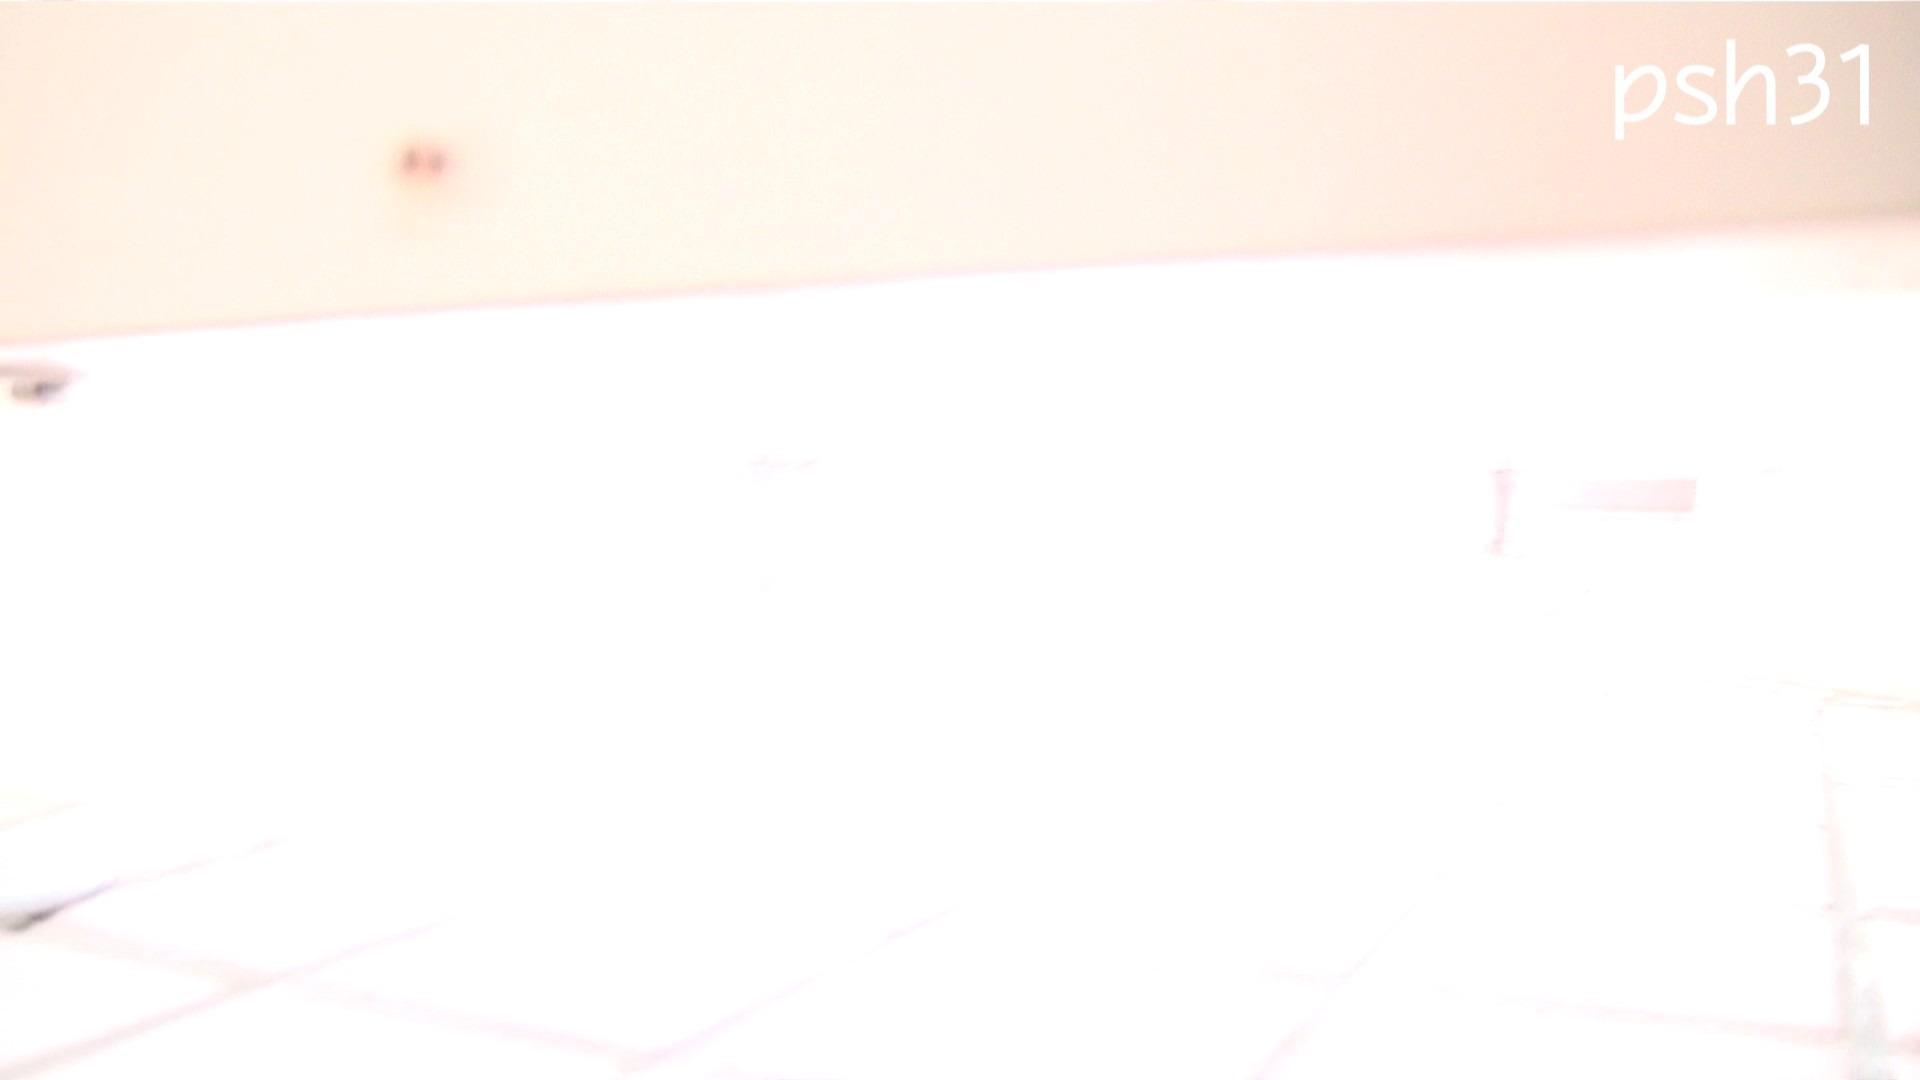 ▲復活限定▲ハイビジョン 盗神伝 Vol.31 エッチすぎるOL達  86連発 8